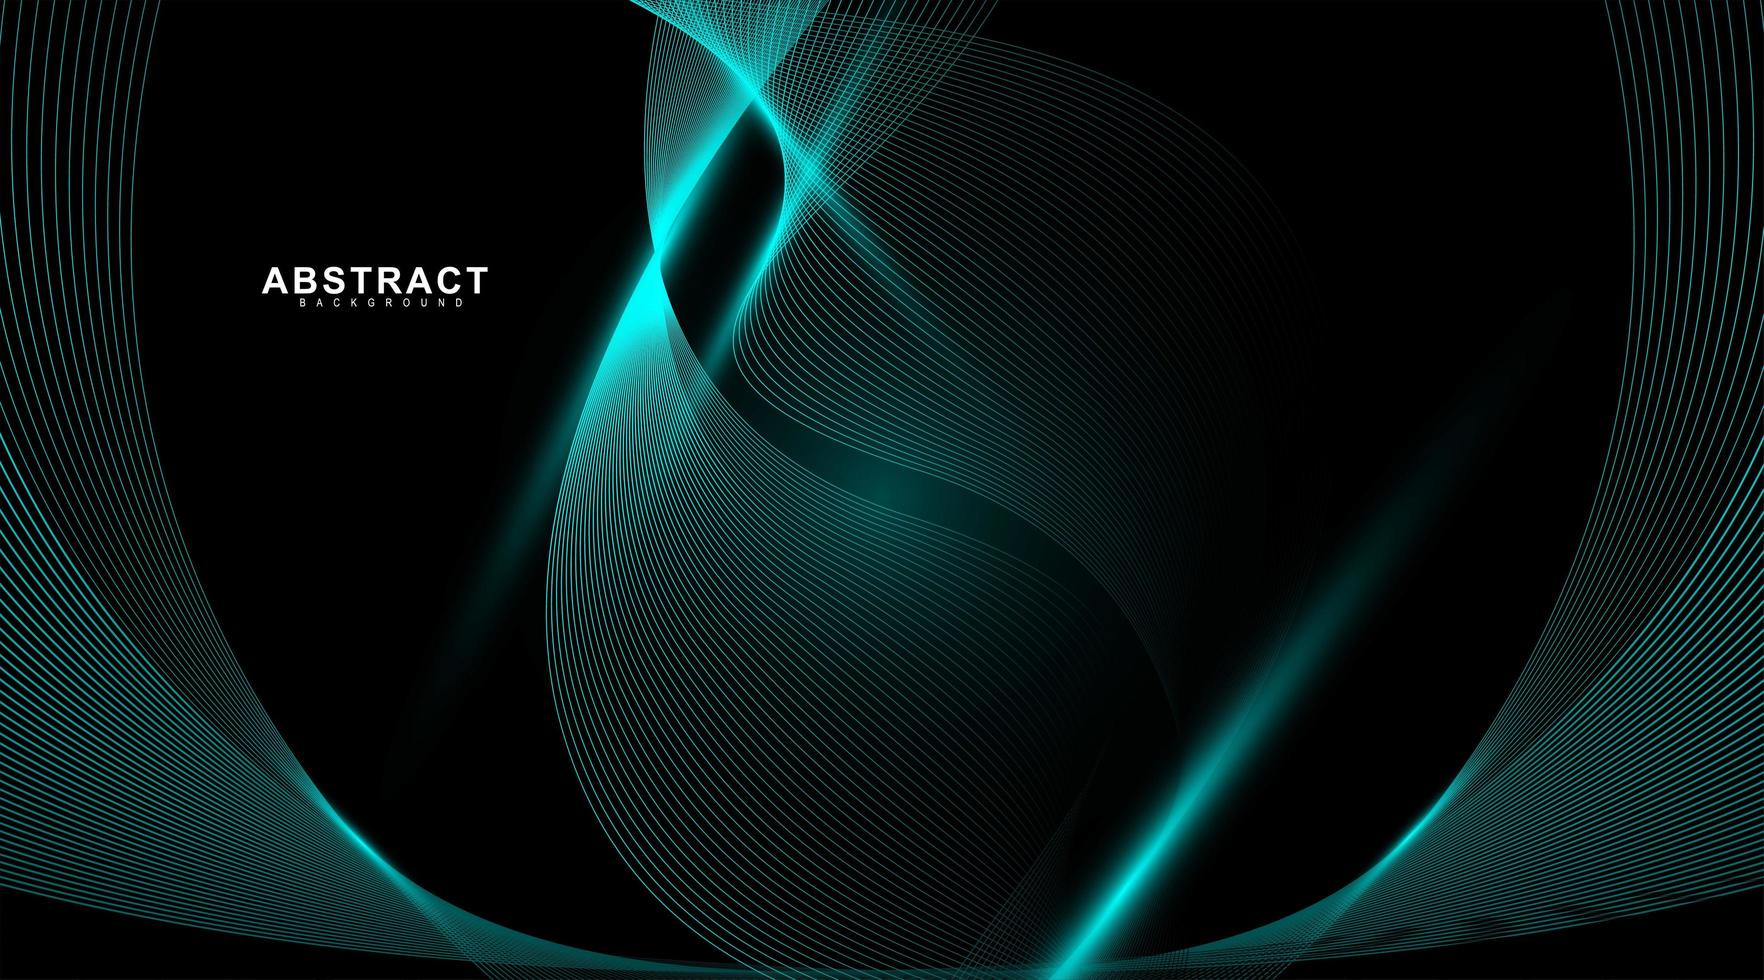 abstracte achtergrond van golvende en gloeiende blauwe lijnen. vector technologie digitaal ontwerp